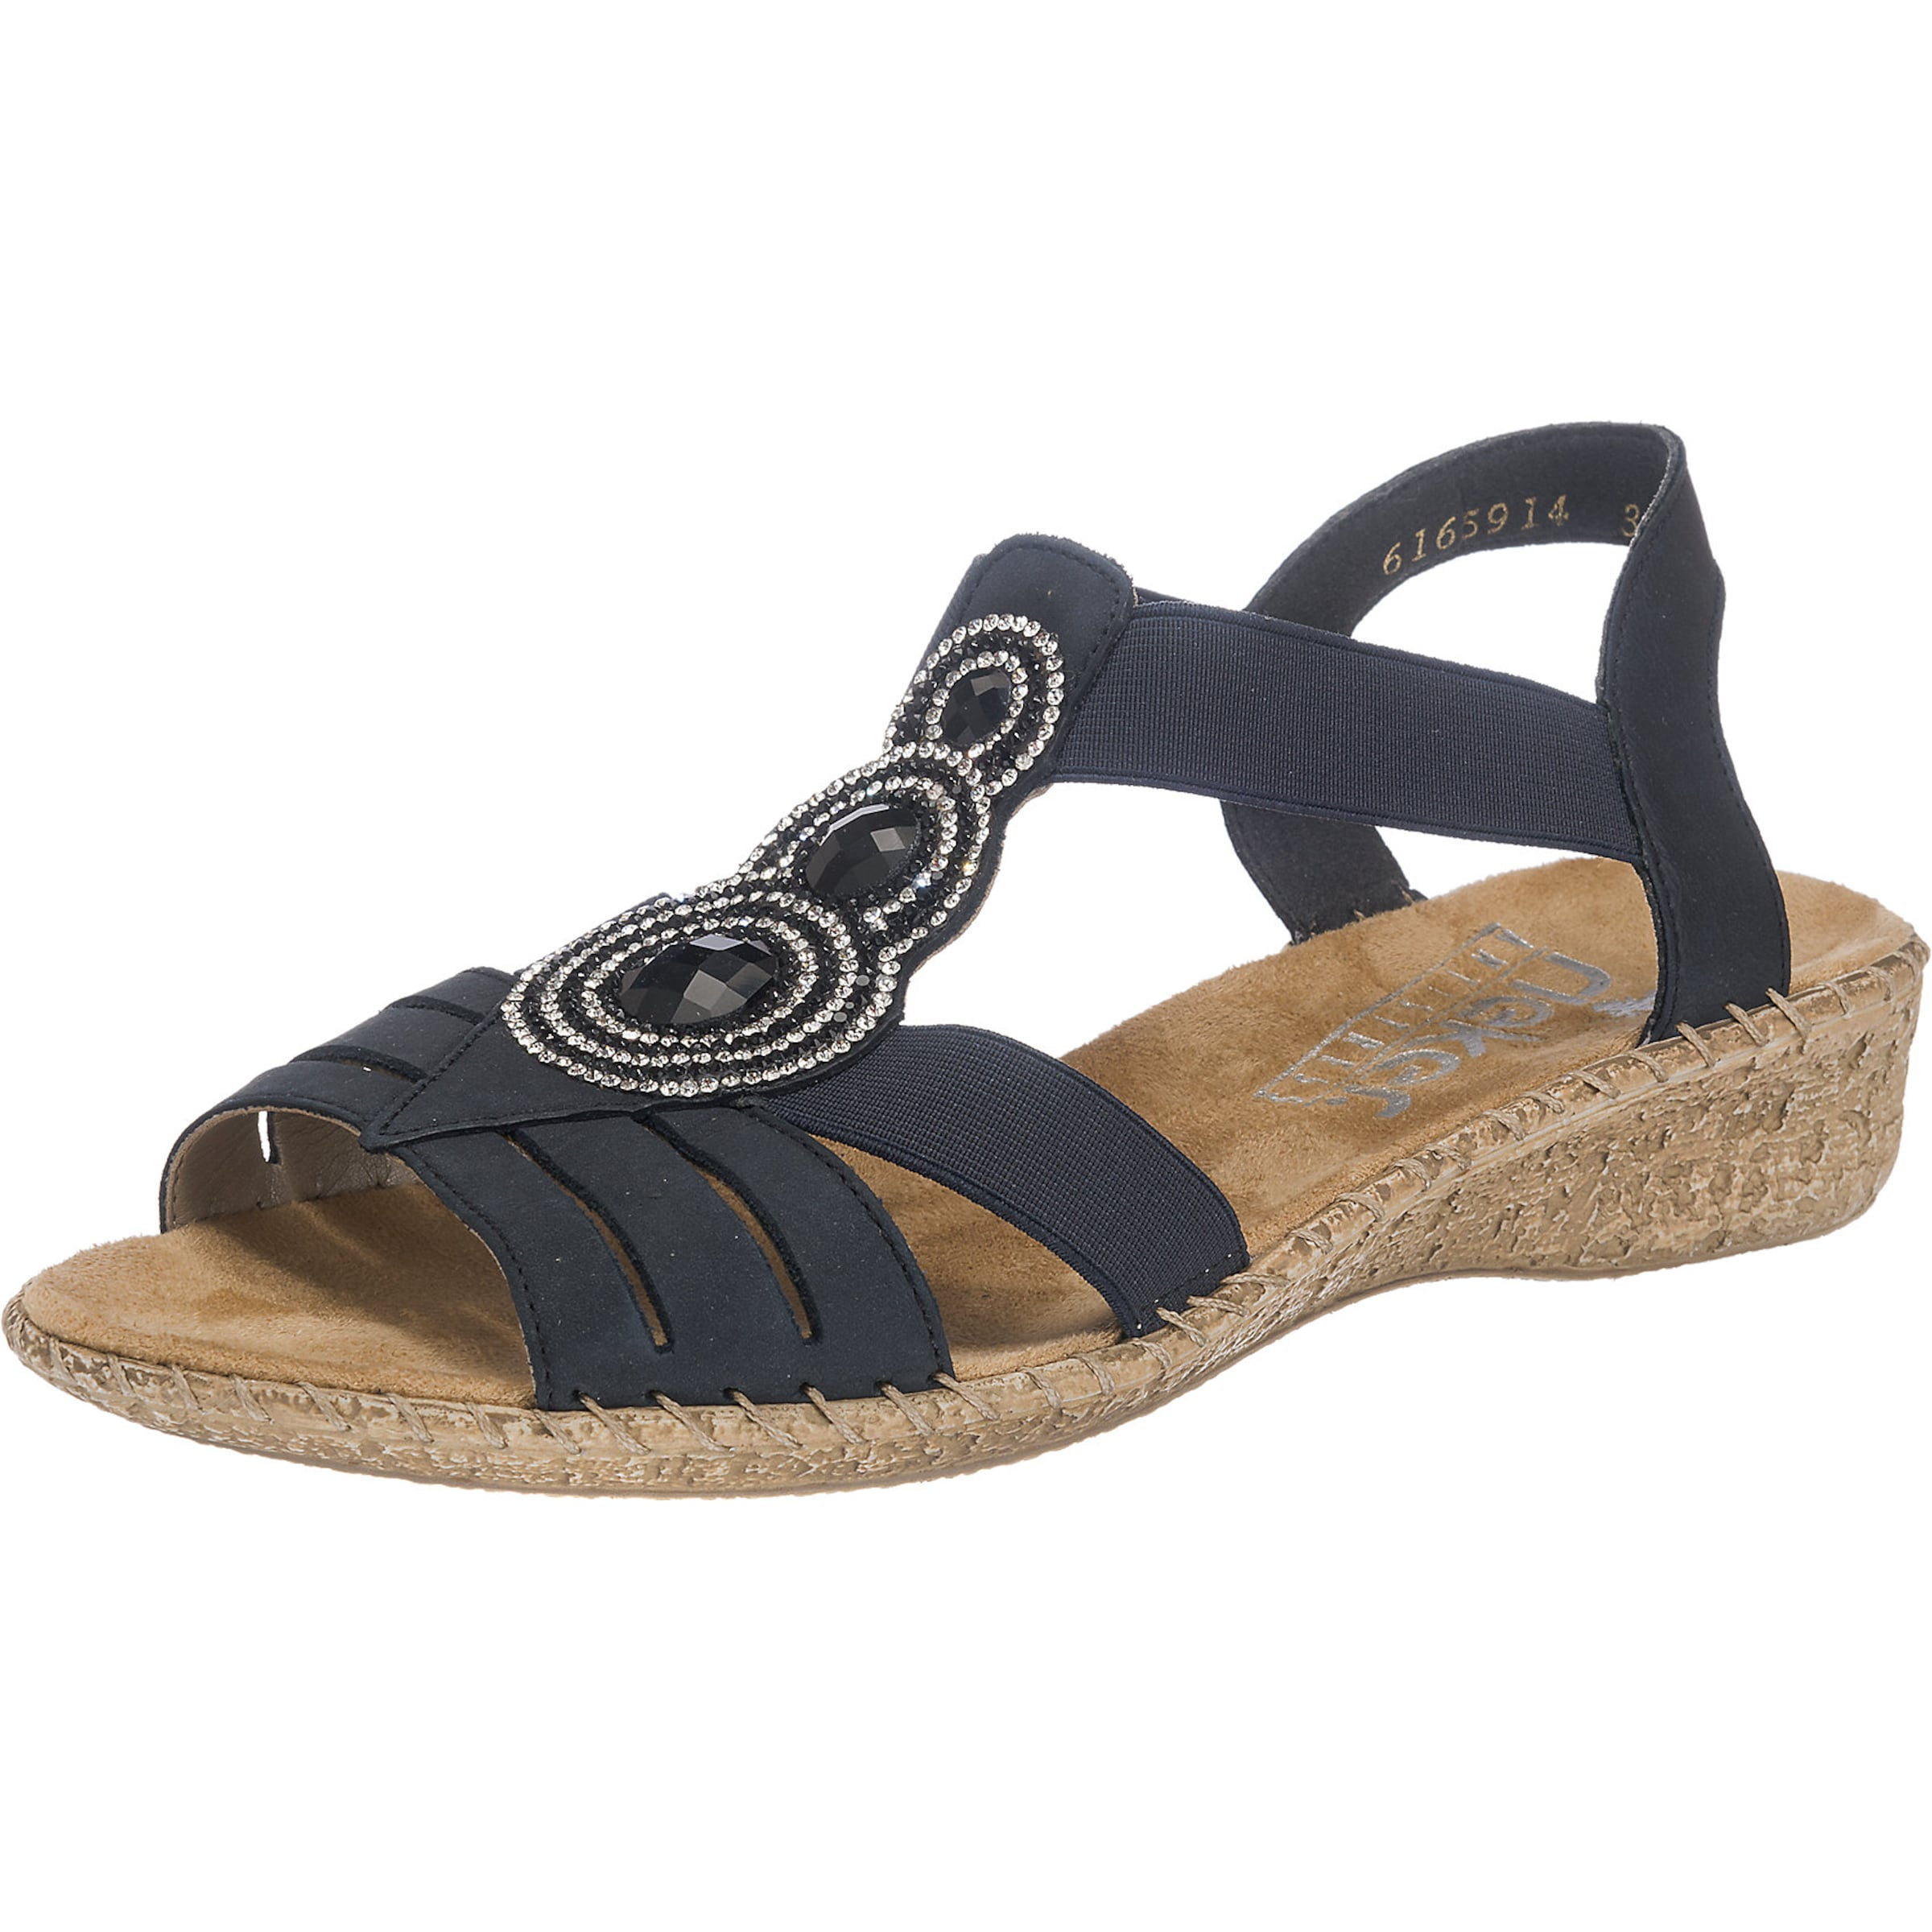 Sandales Avec Ceinture Caban Rieker